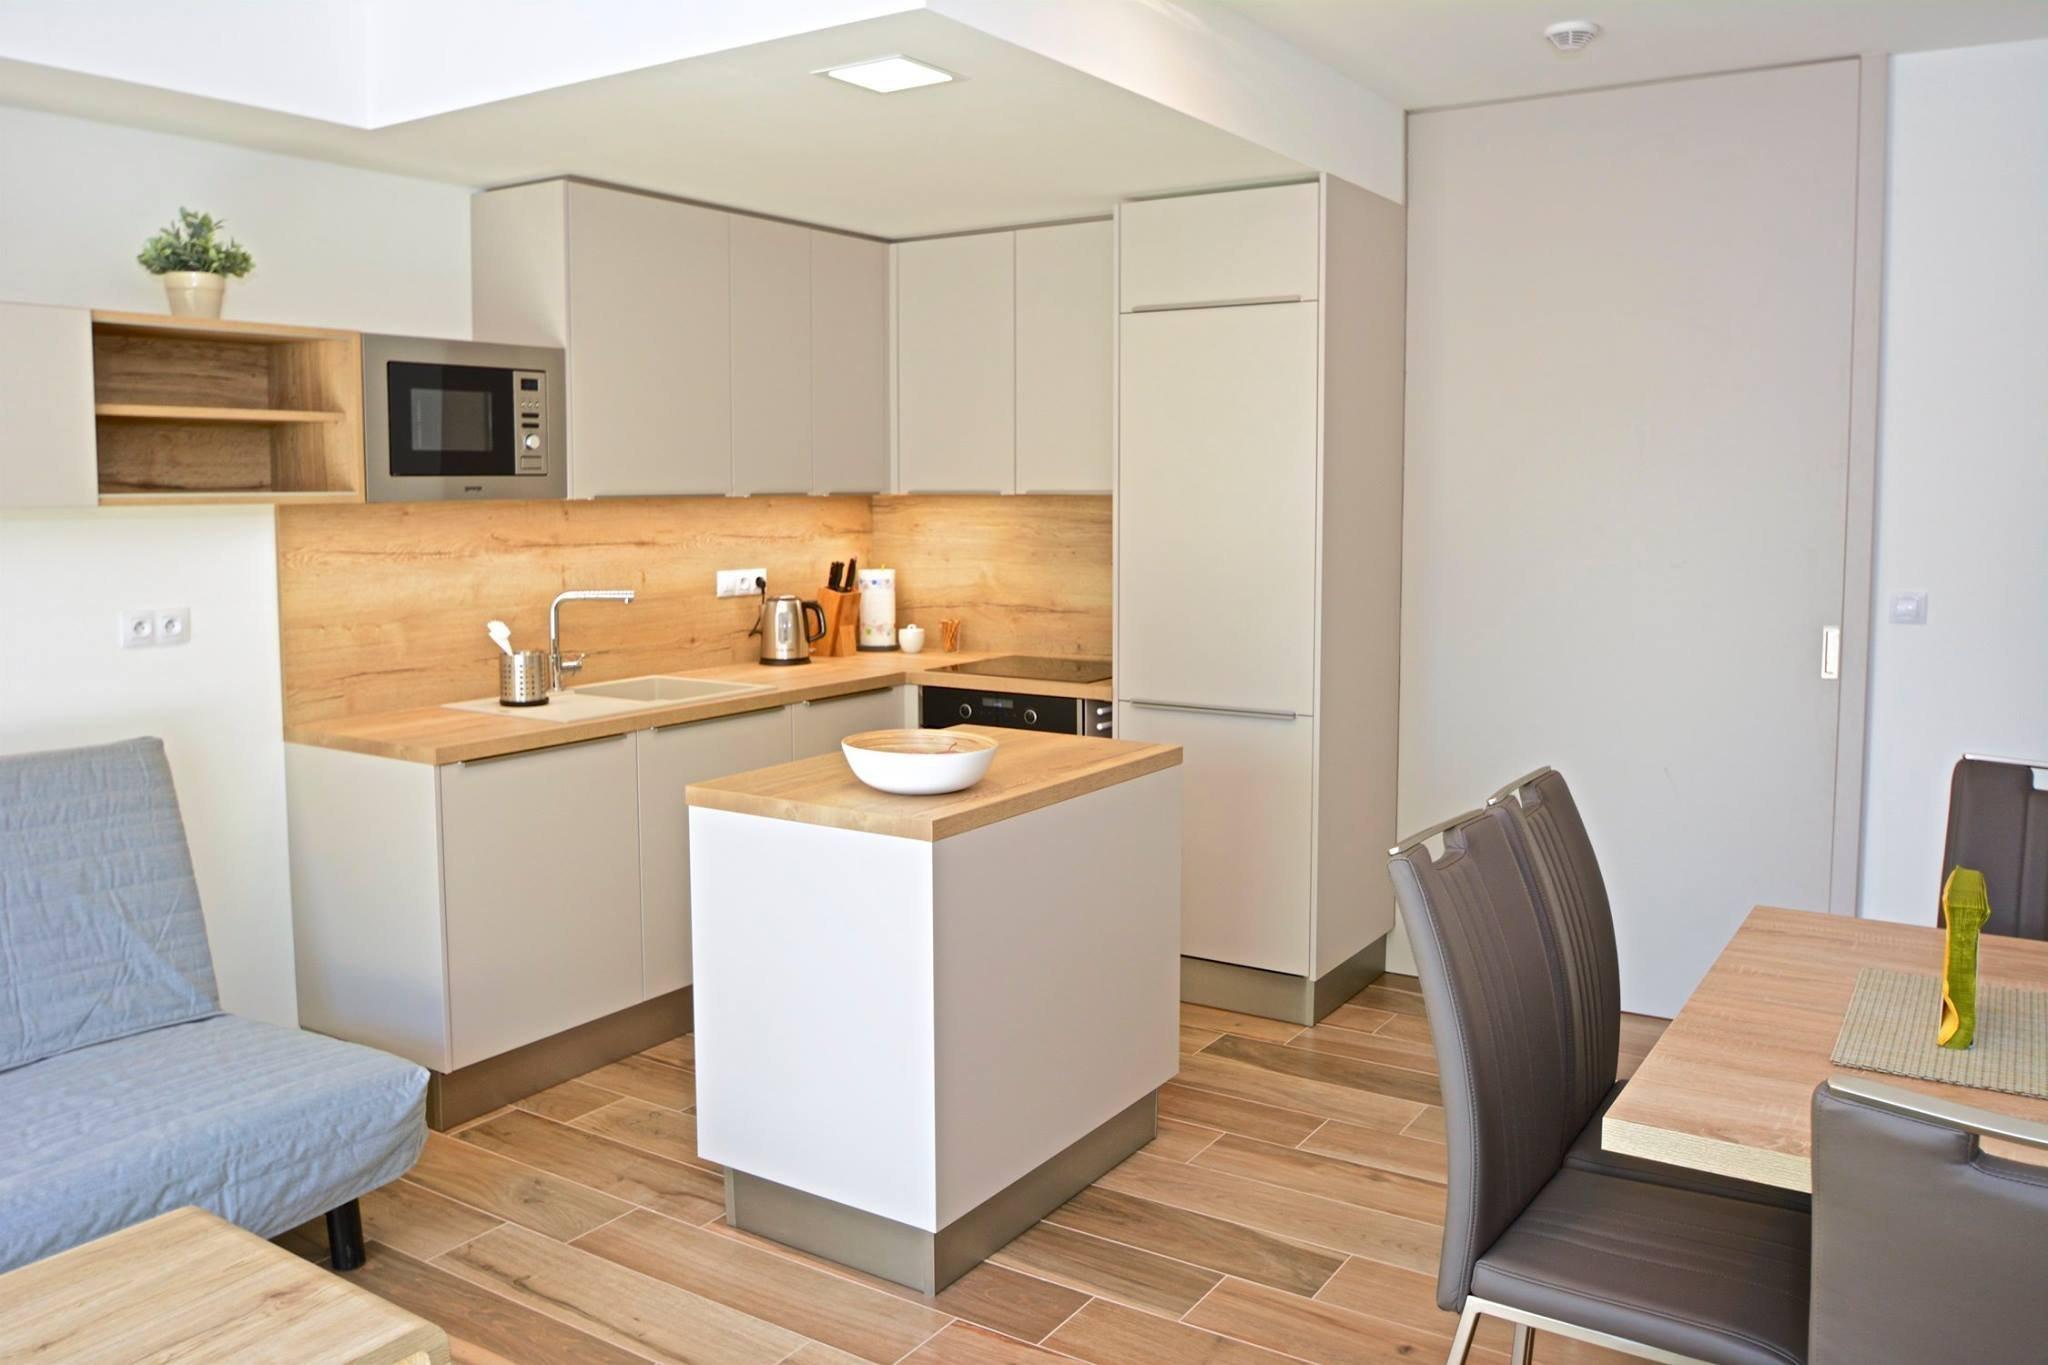 Představujeme kompletní interiér menšího bytu. Použili jsme kašmírové tóny, které jsme oživili zelenou barvou. Byt tak působí velmi jemně, teple a útulně.